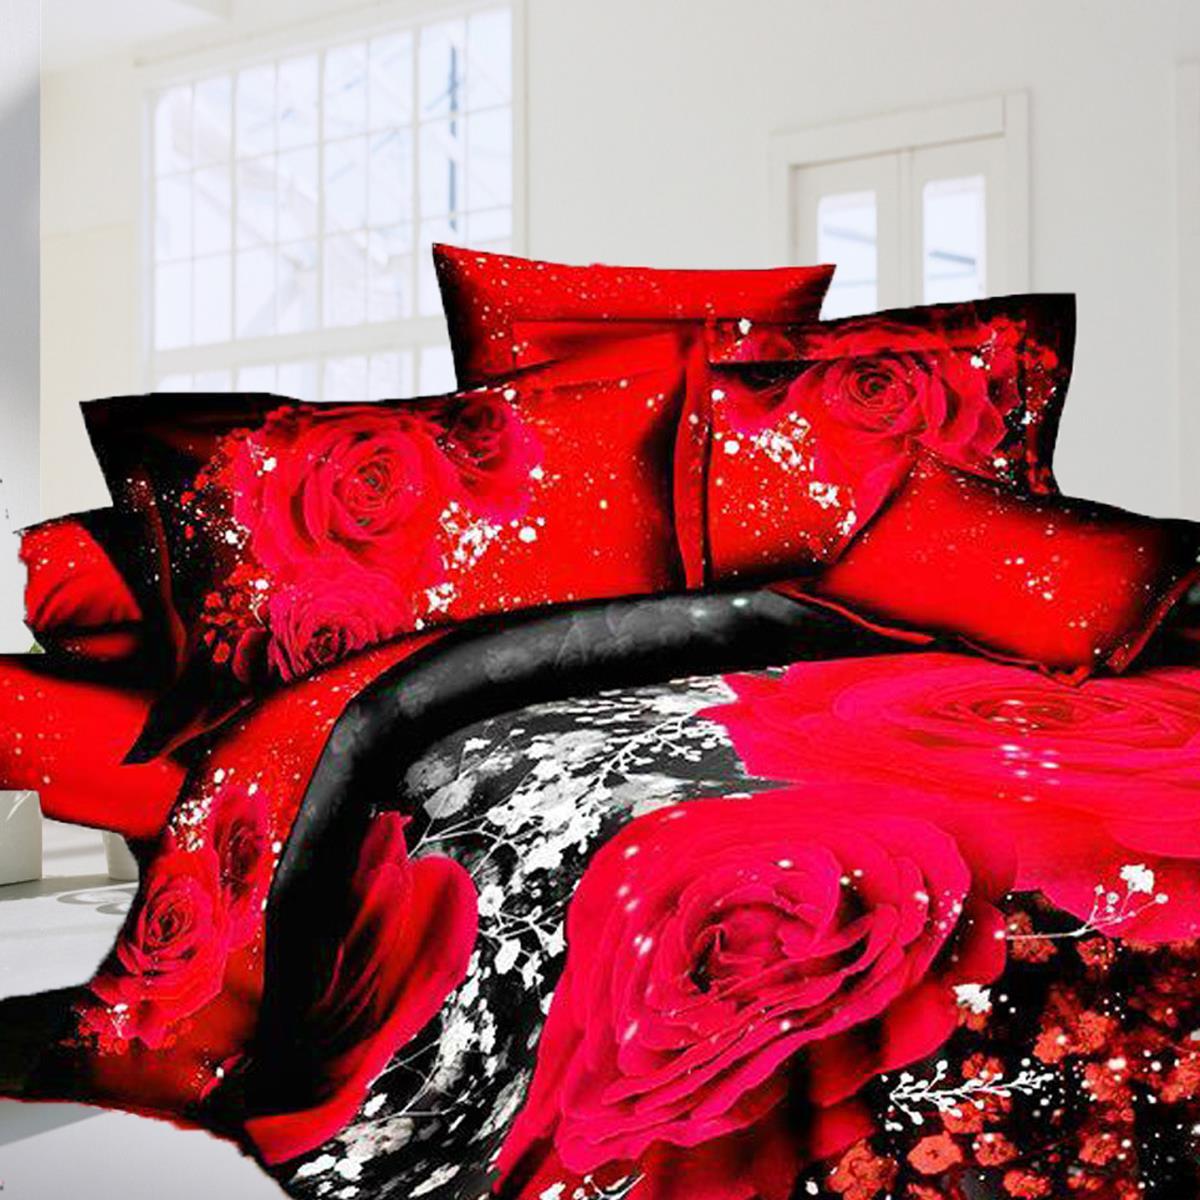 online get cheap rose flower comforter aliexpresscom  alibaba group - bedding set red rose flower cheetah sky stars quilt pcs cotton  duvetcover  bed sheet  pillowcases d comforter